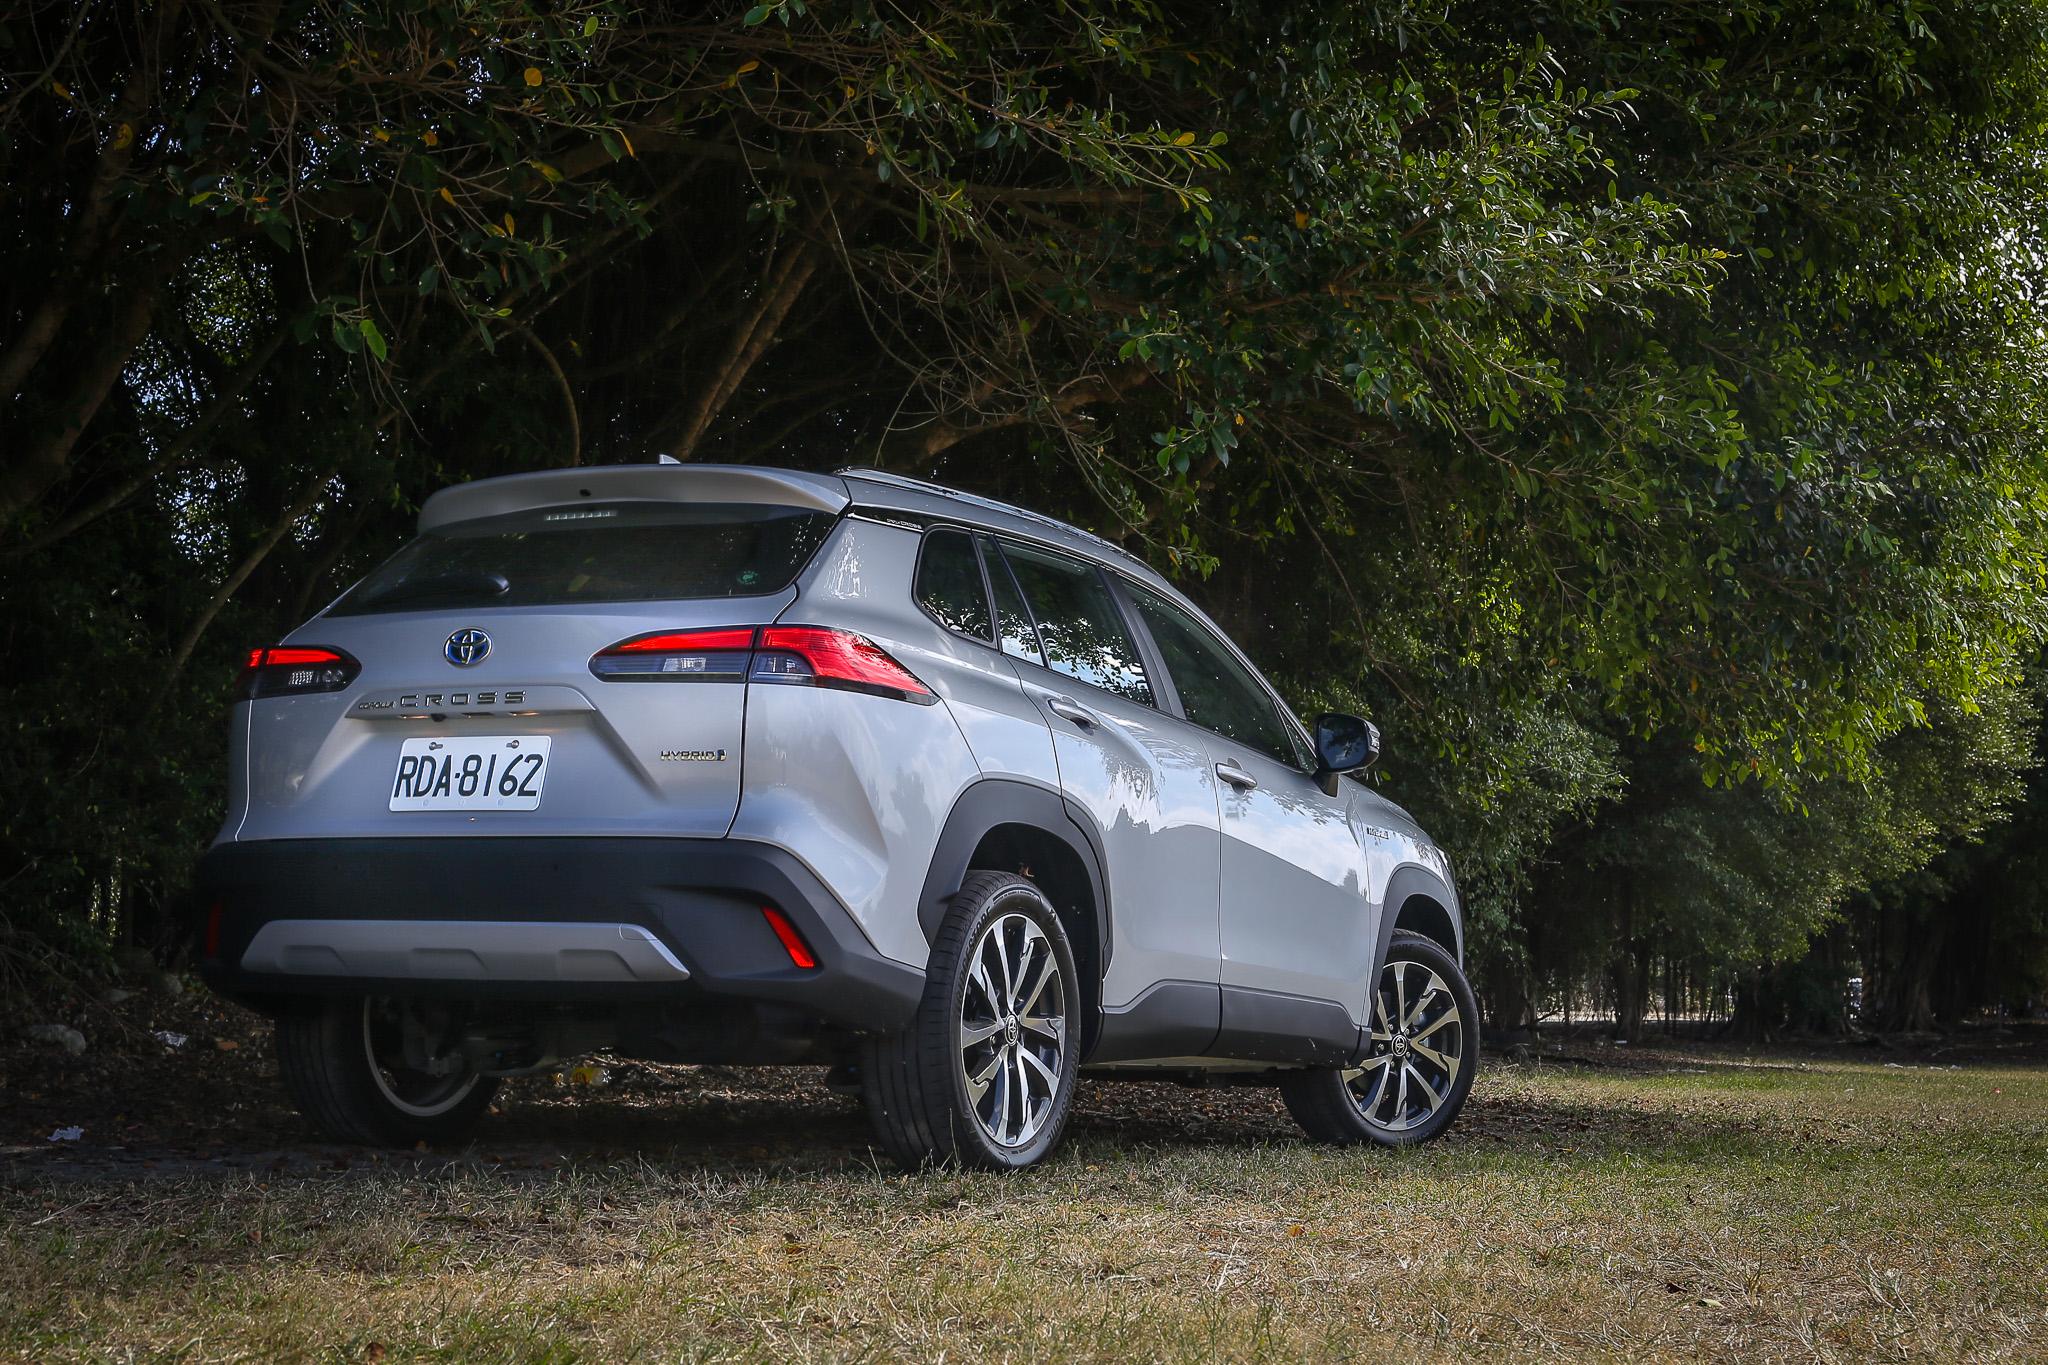 延續 Toyota 新世代設計風格,但論整體的造型獨特性,個人認為沒有 C-HR 或是 RAV4 風格來得強烈。